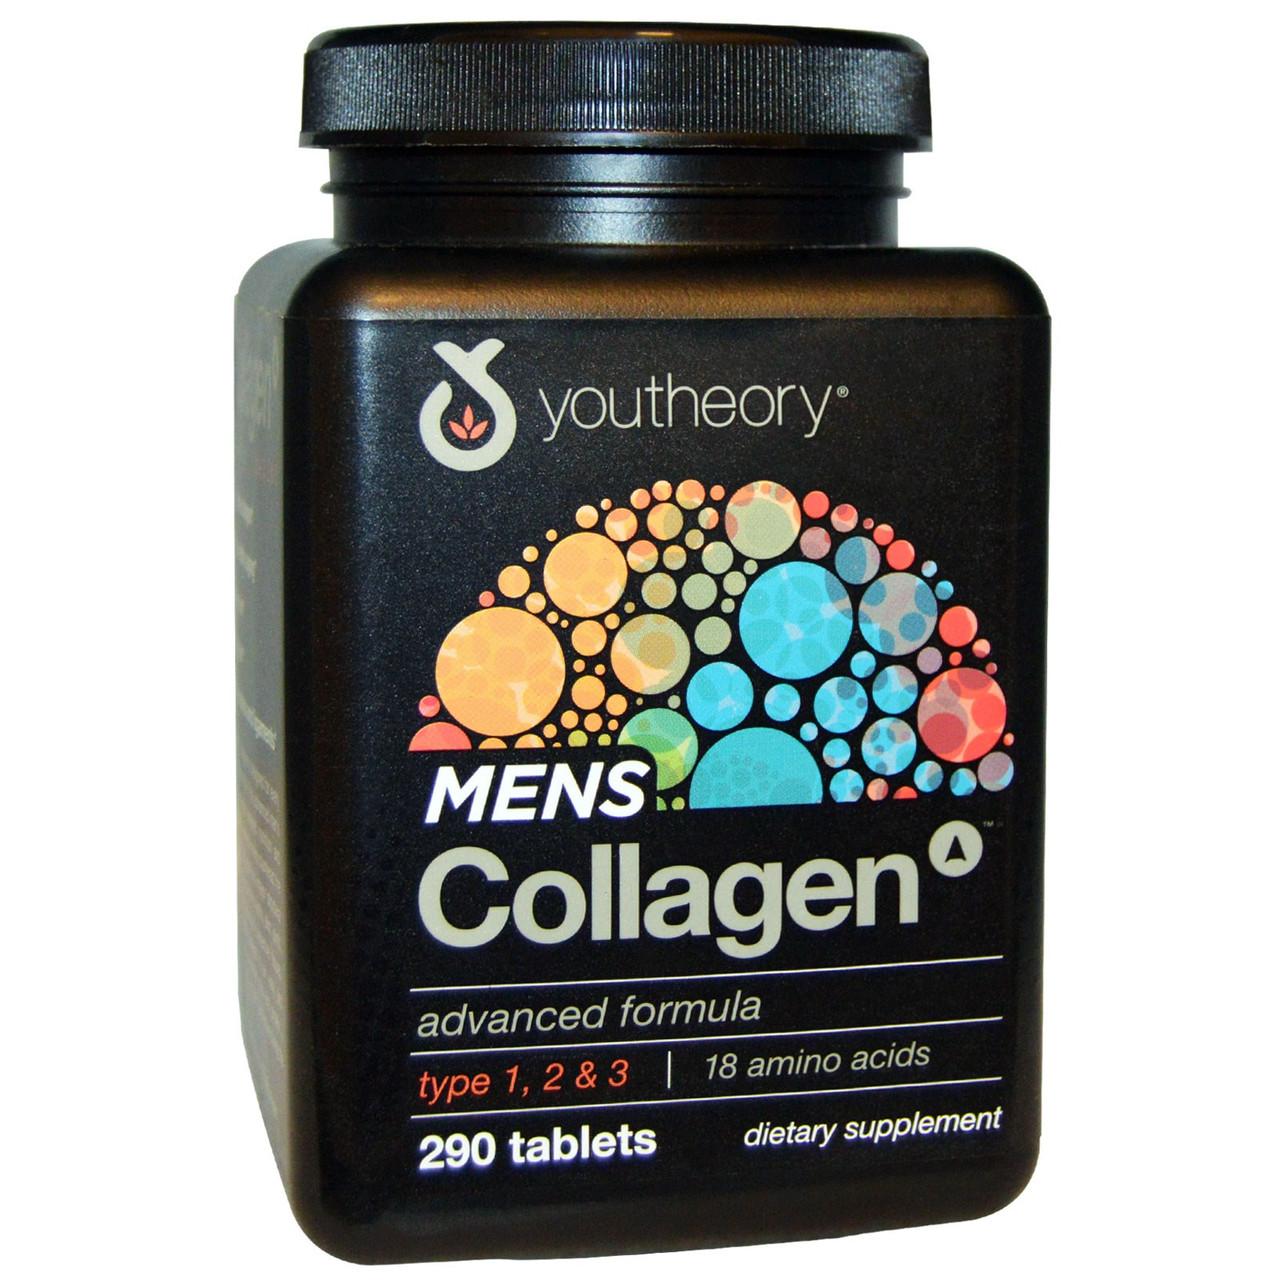 Коллаген для мужчин, Youtheory, 290 таблеток